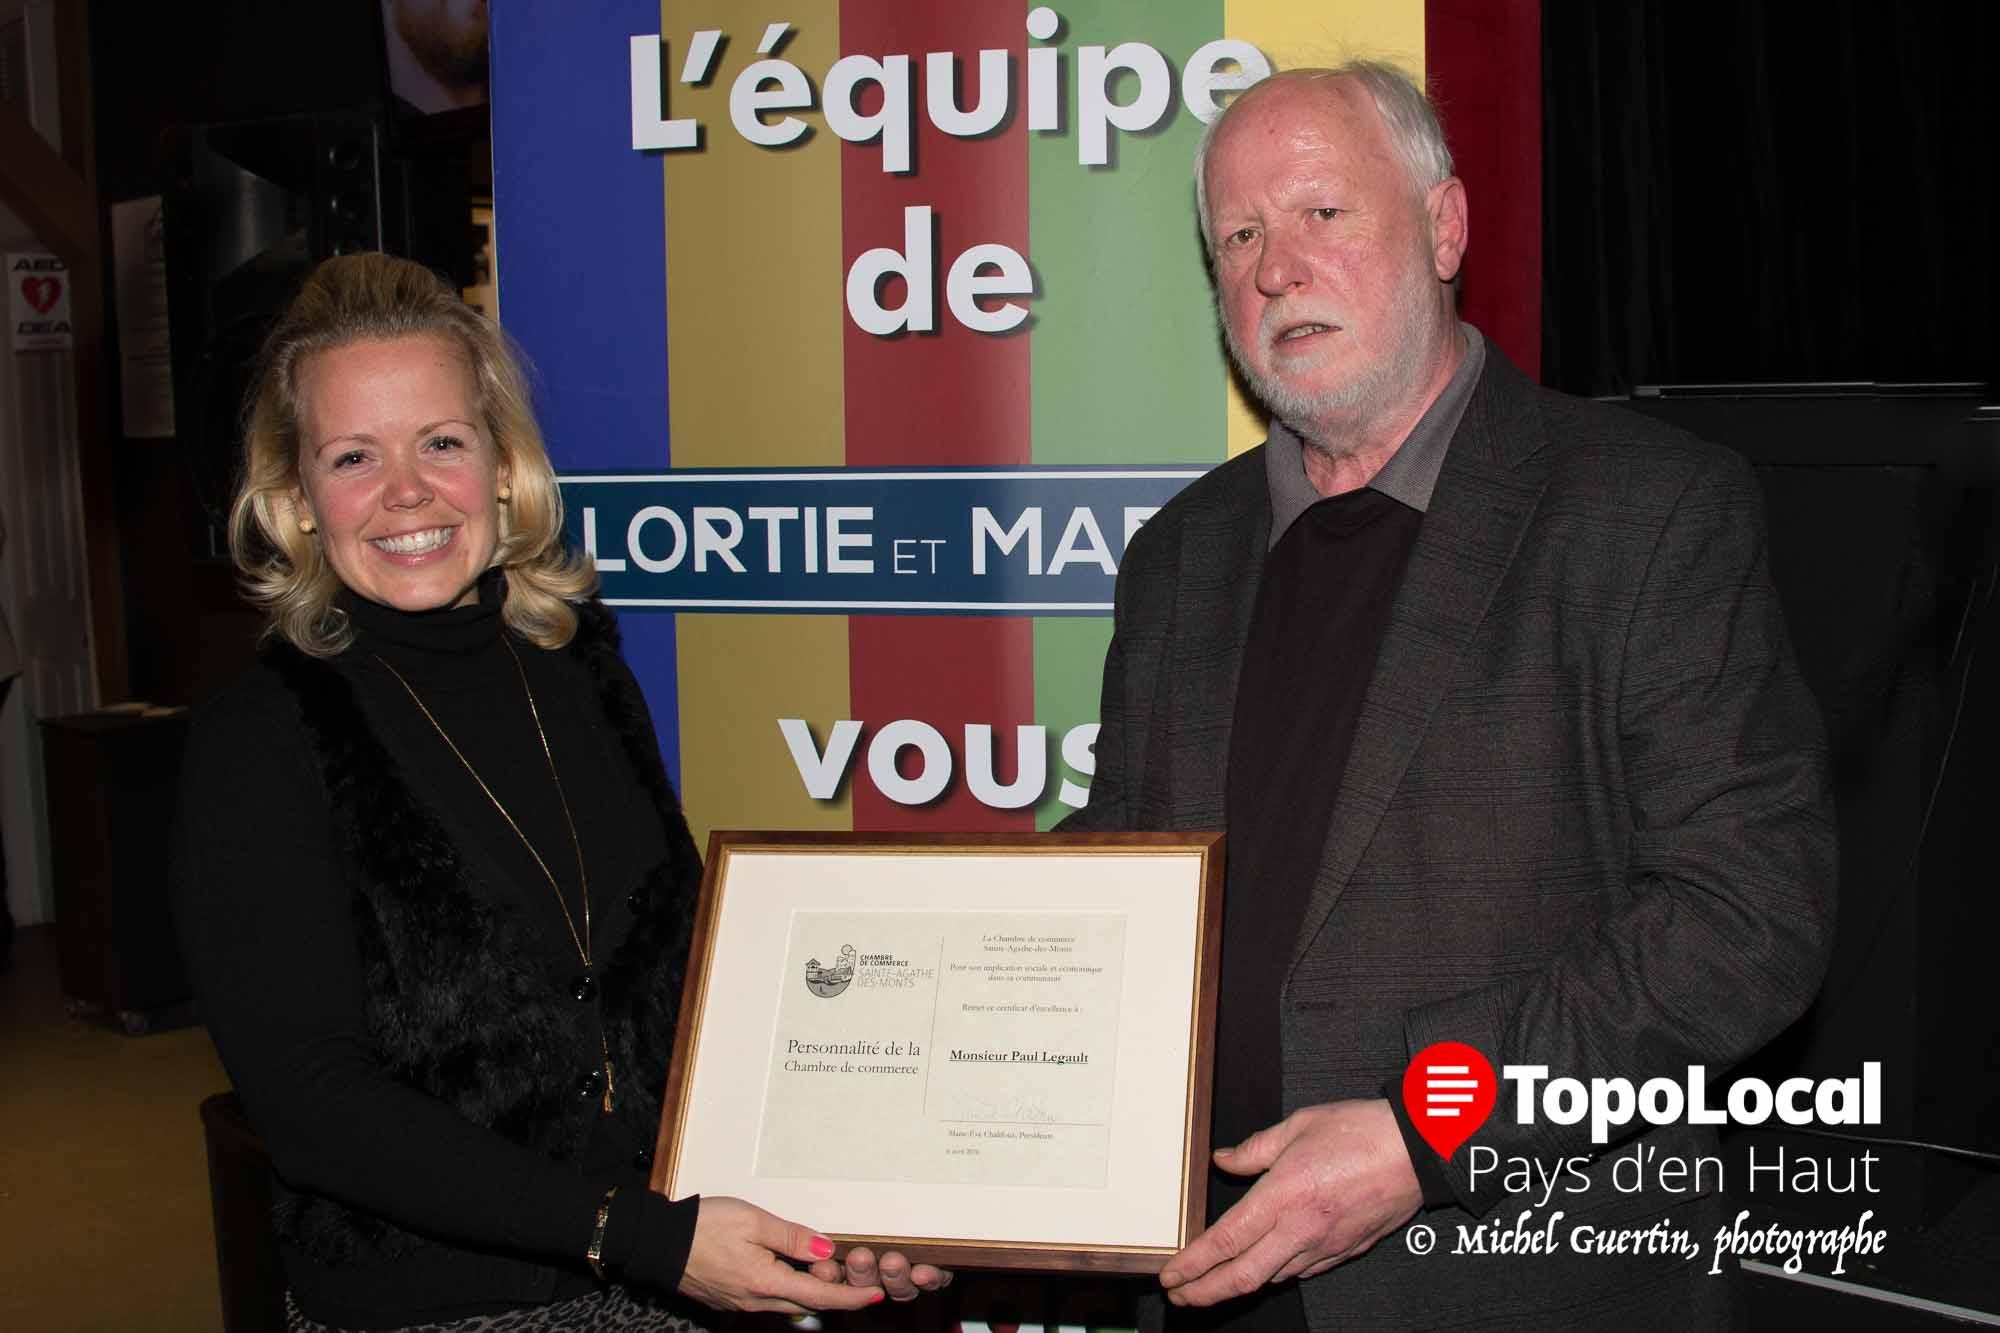 La chambre de Commerce de Sainte-Agathe en a profité pour nommer sa première personnalité de l'année : Paul Legault, président du Conseil d'administration du Patriote, qui reçoit ici sa plaque de la présidente de la Chambre Marie-Ève Chalifoux.